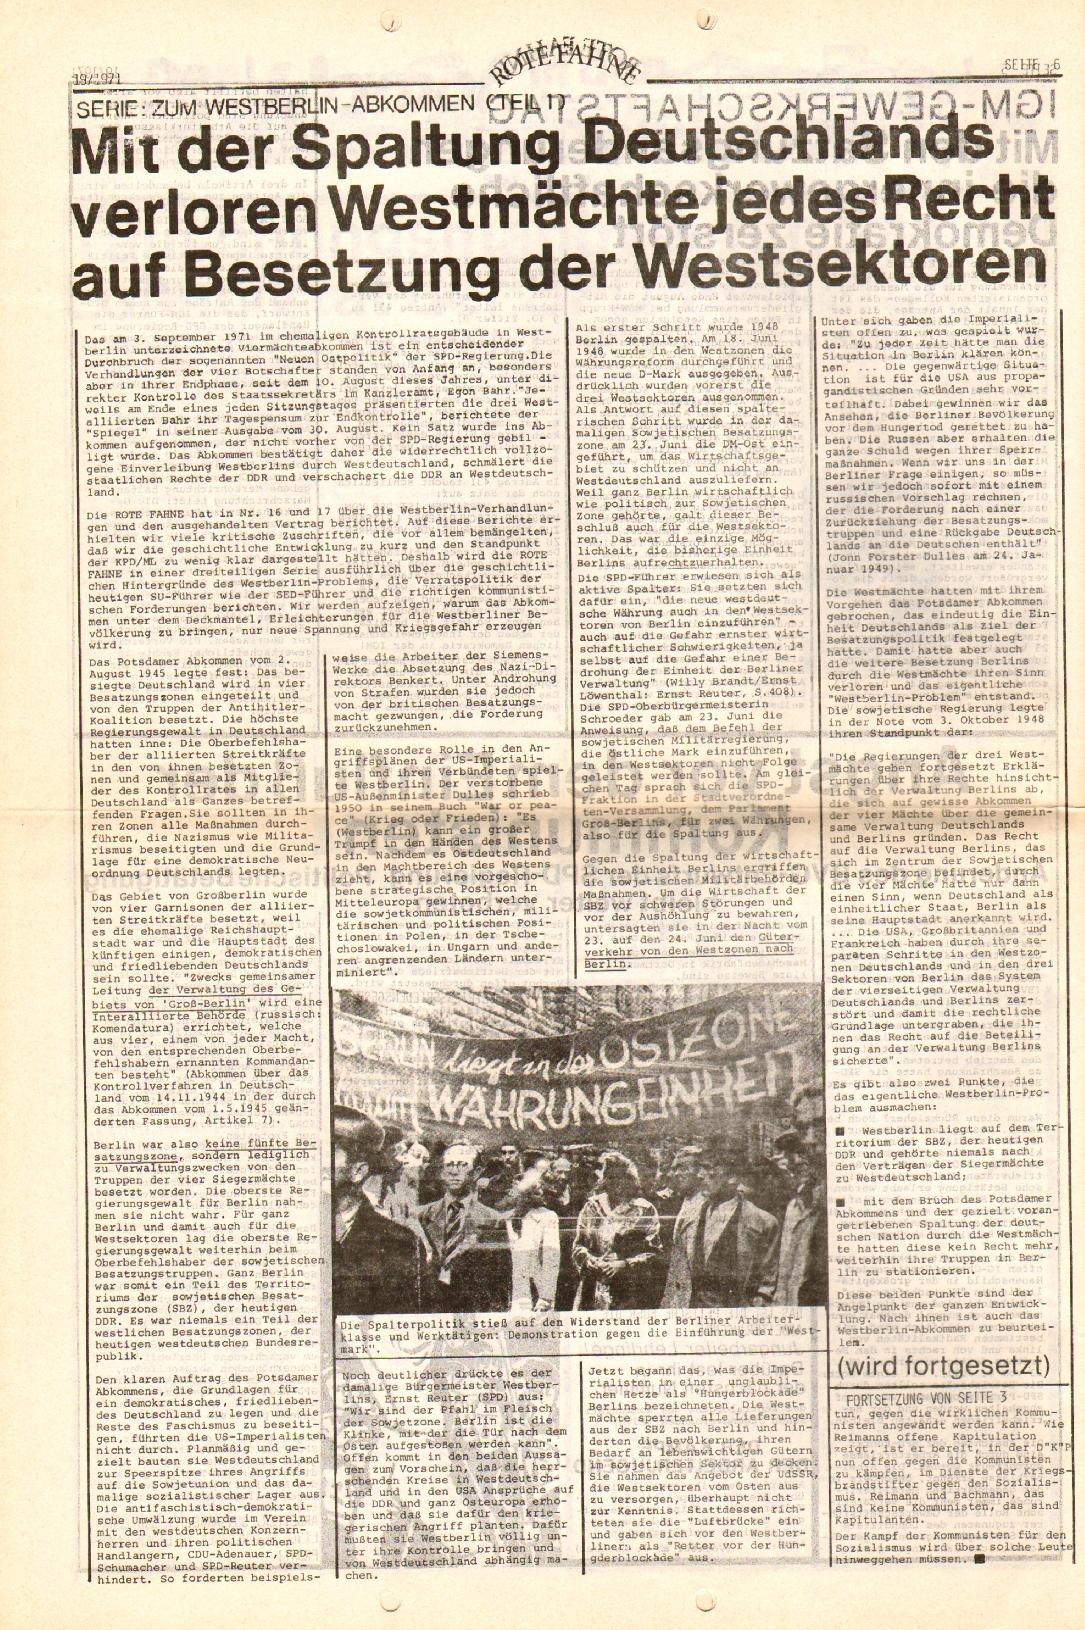 Rote Fahne, 2. Jg., 27.9.1971, Nr. 19, Seite 6